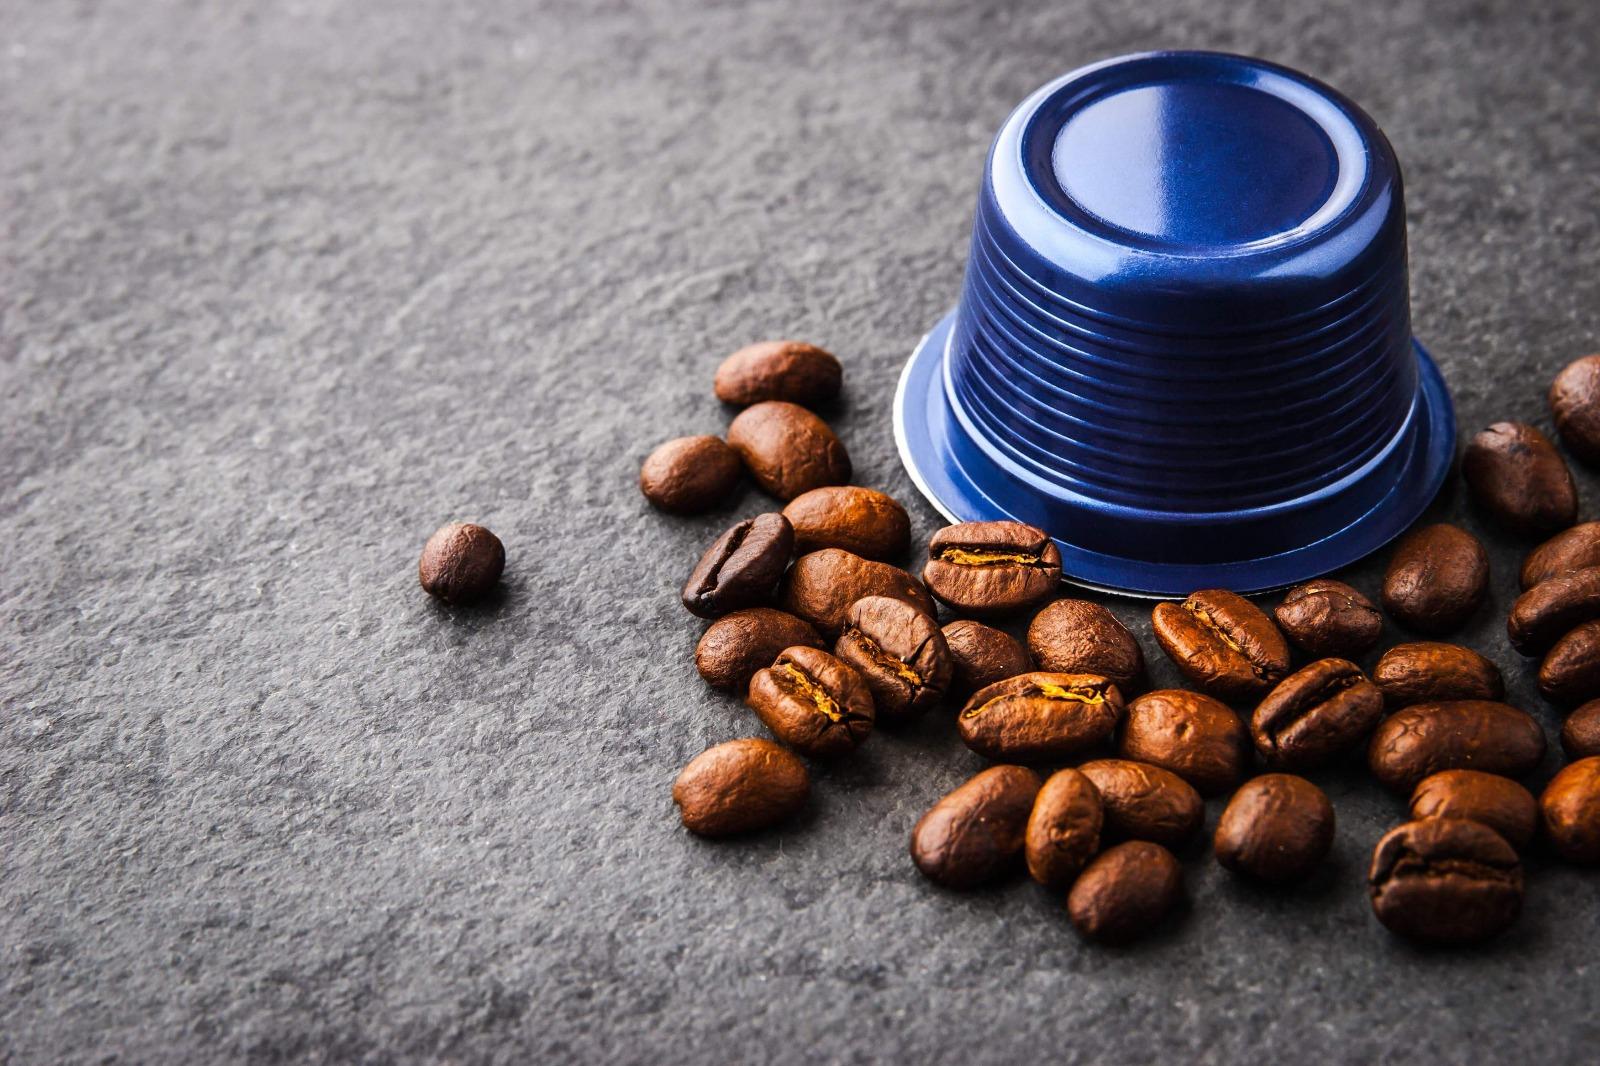 קפסולות נספרסו: פולי קפה, פודים או קפסולות?